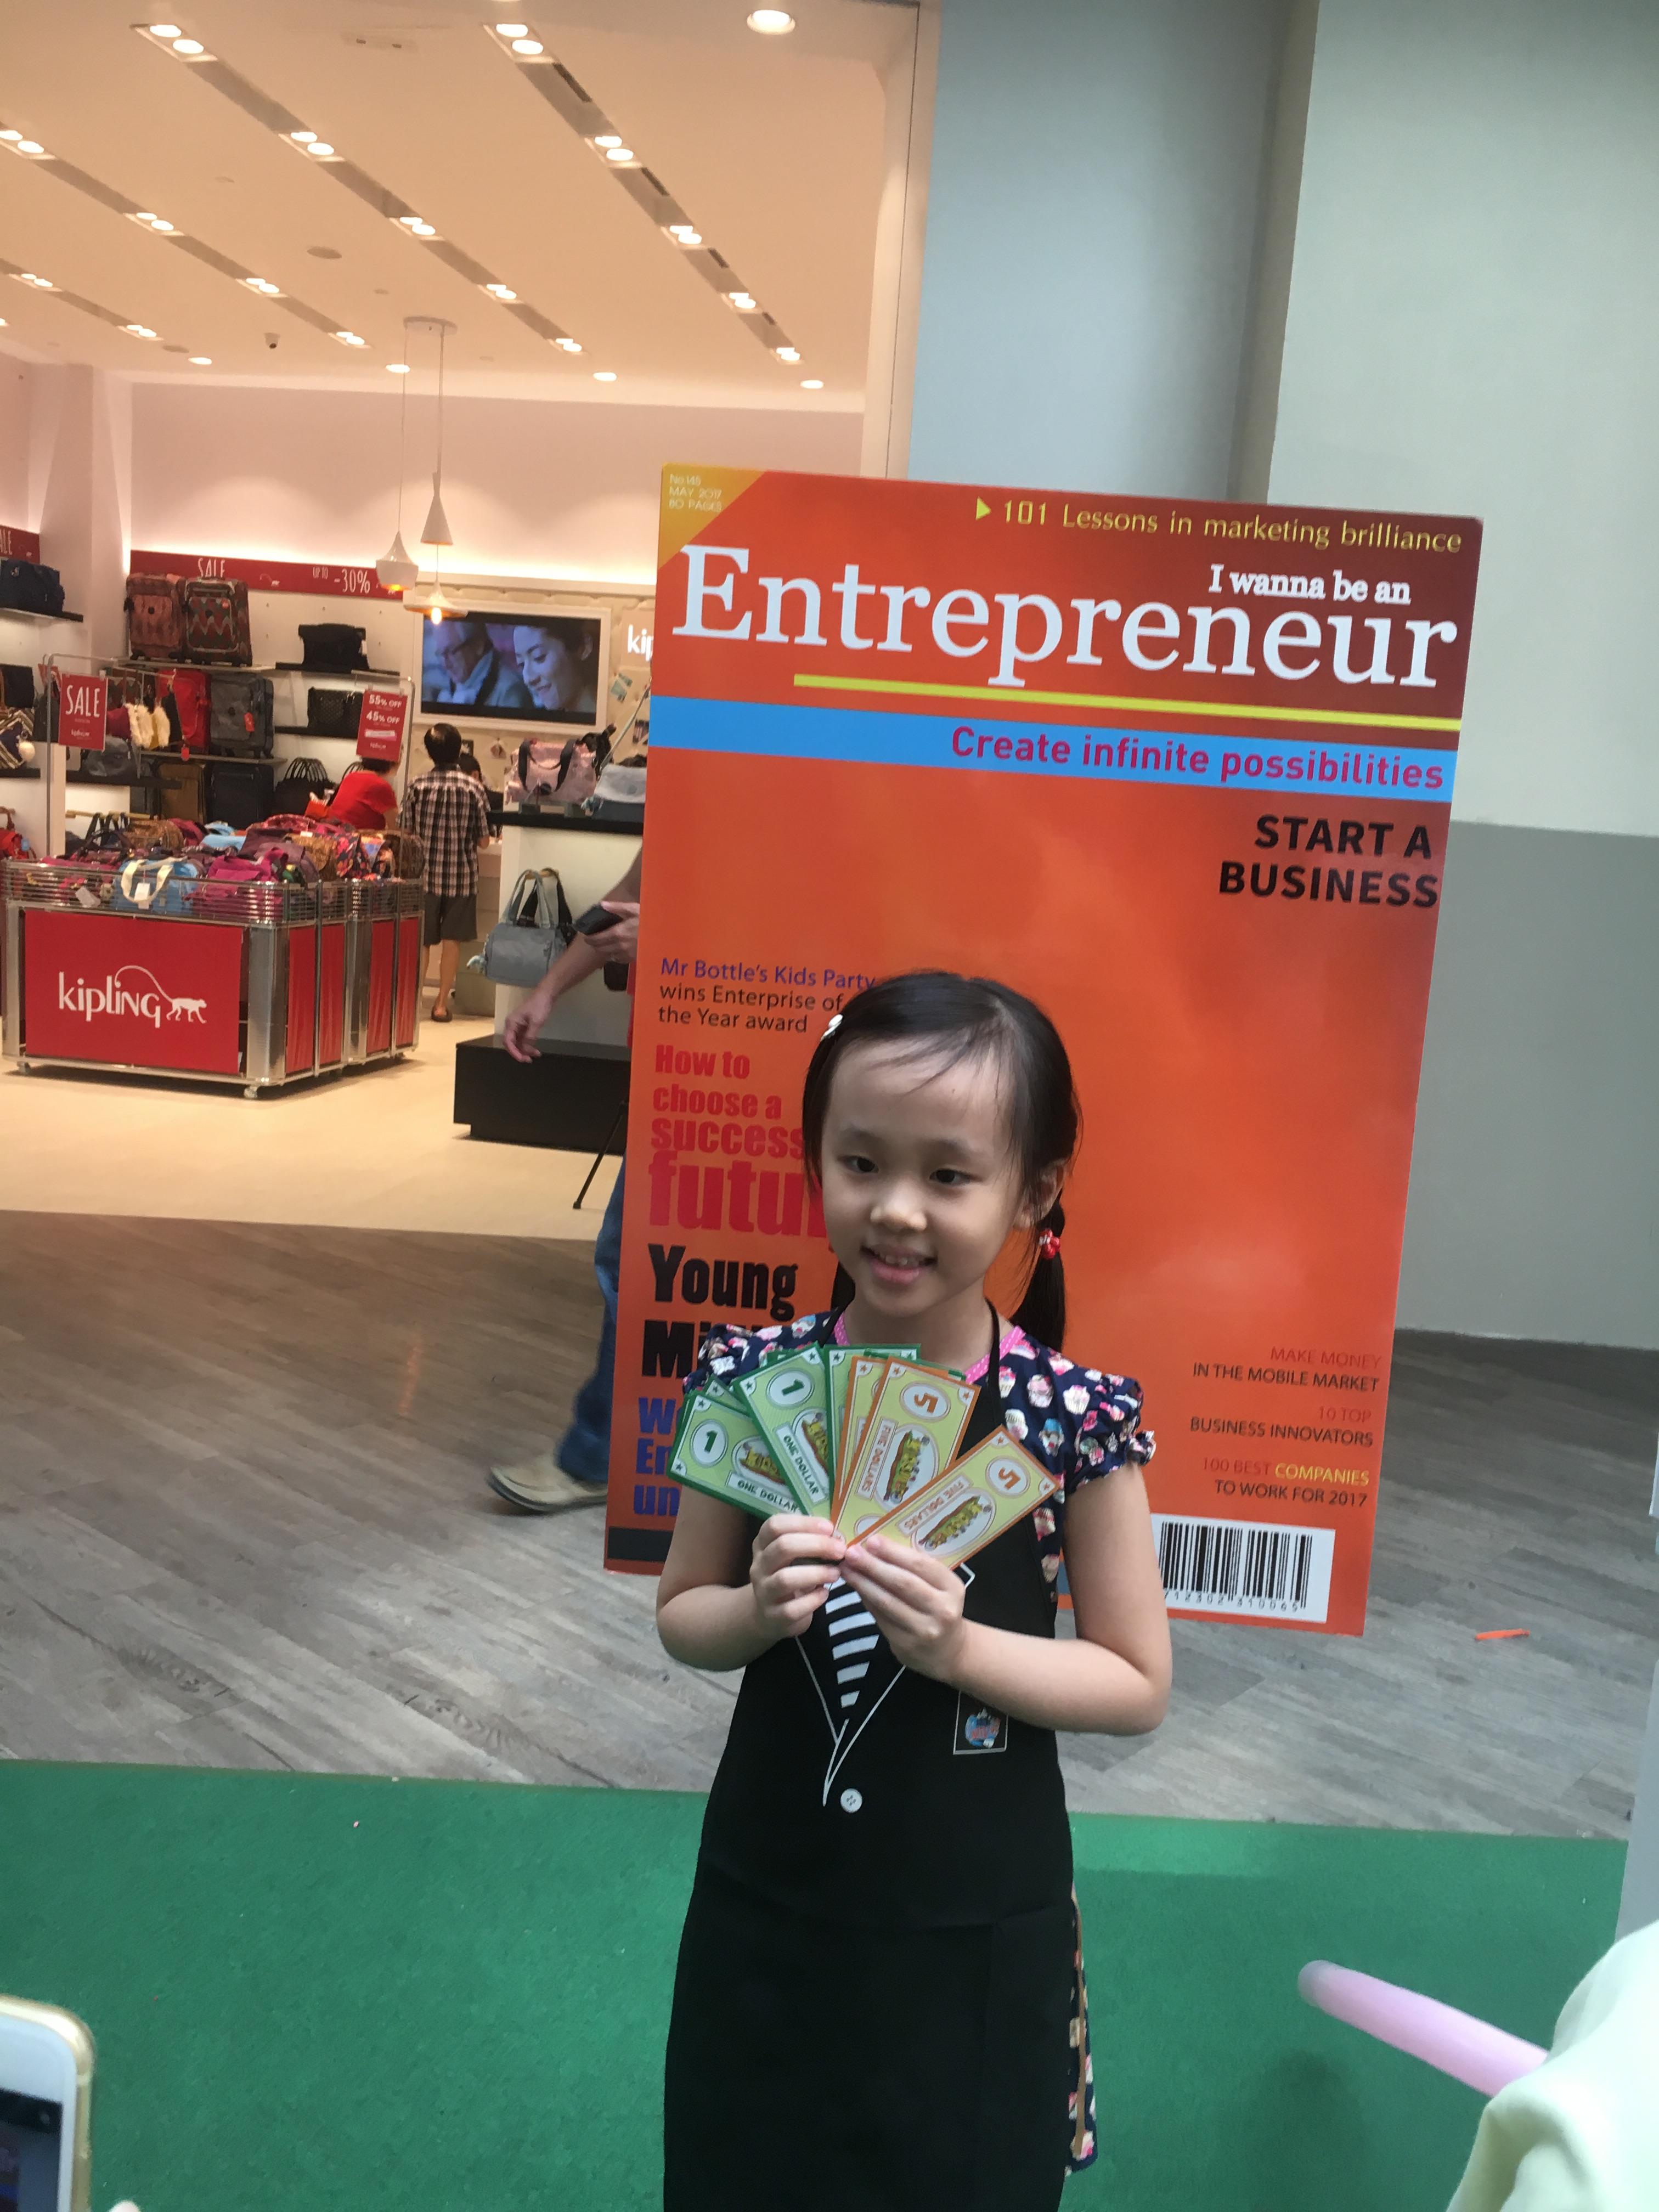 Case Study: Enterpreneurship Event for Kids@Work